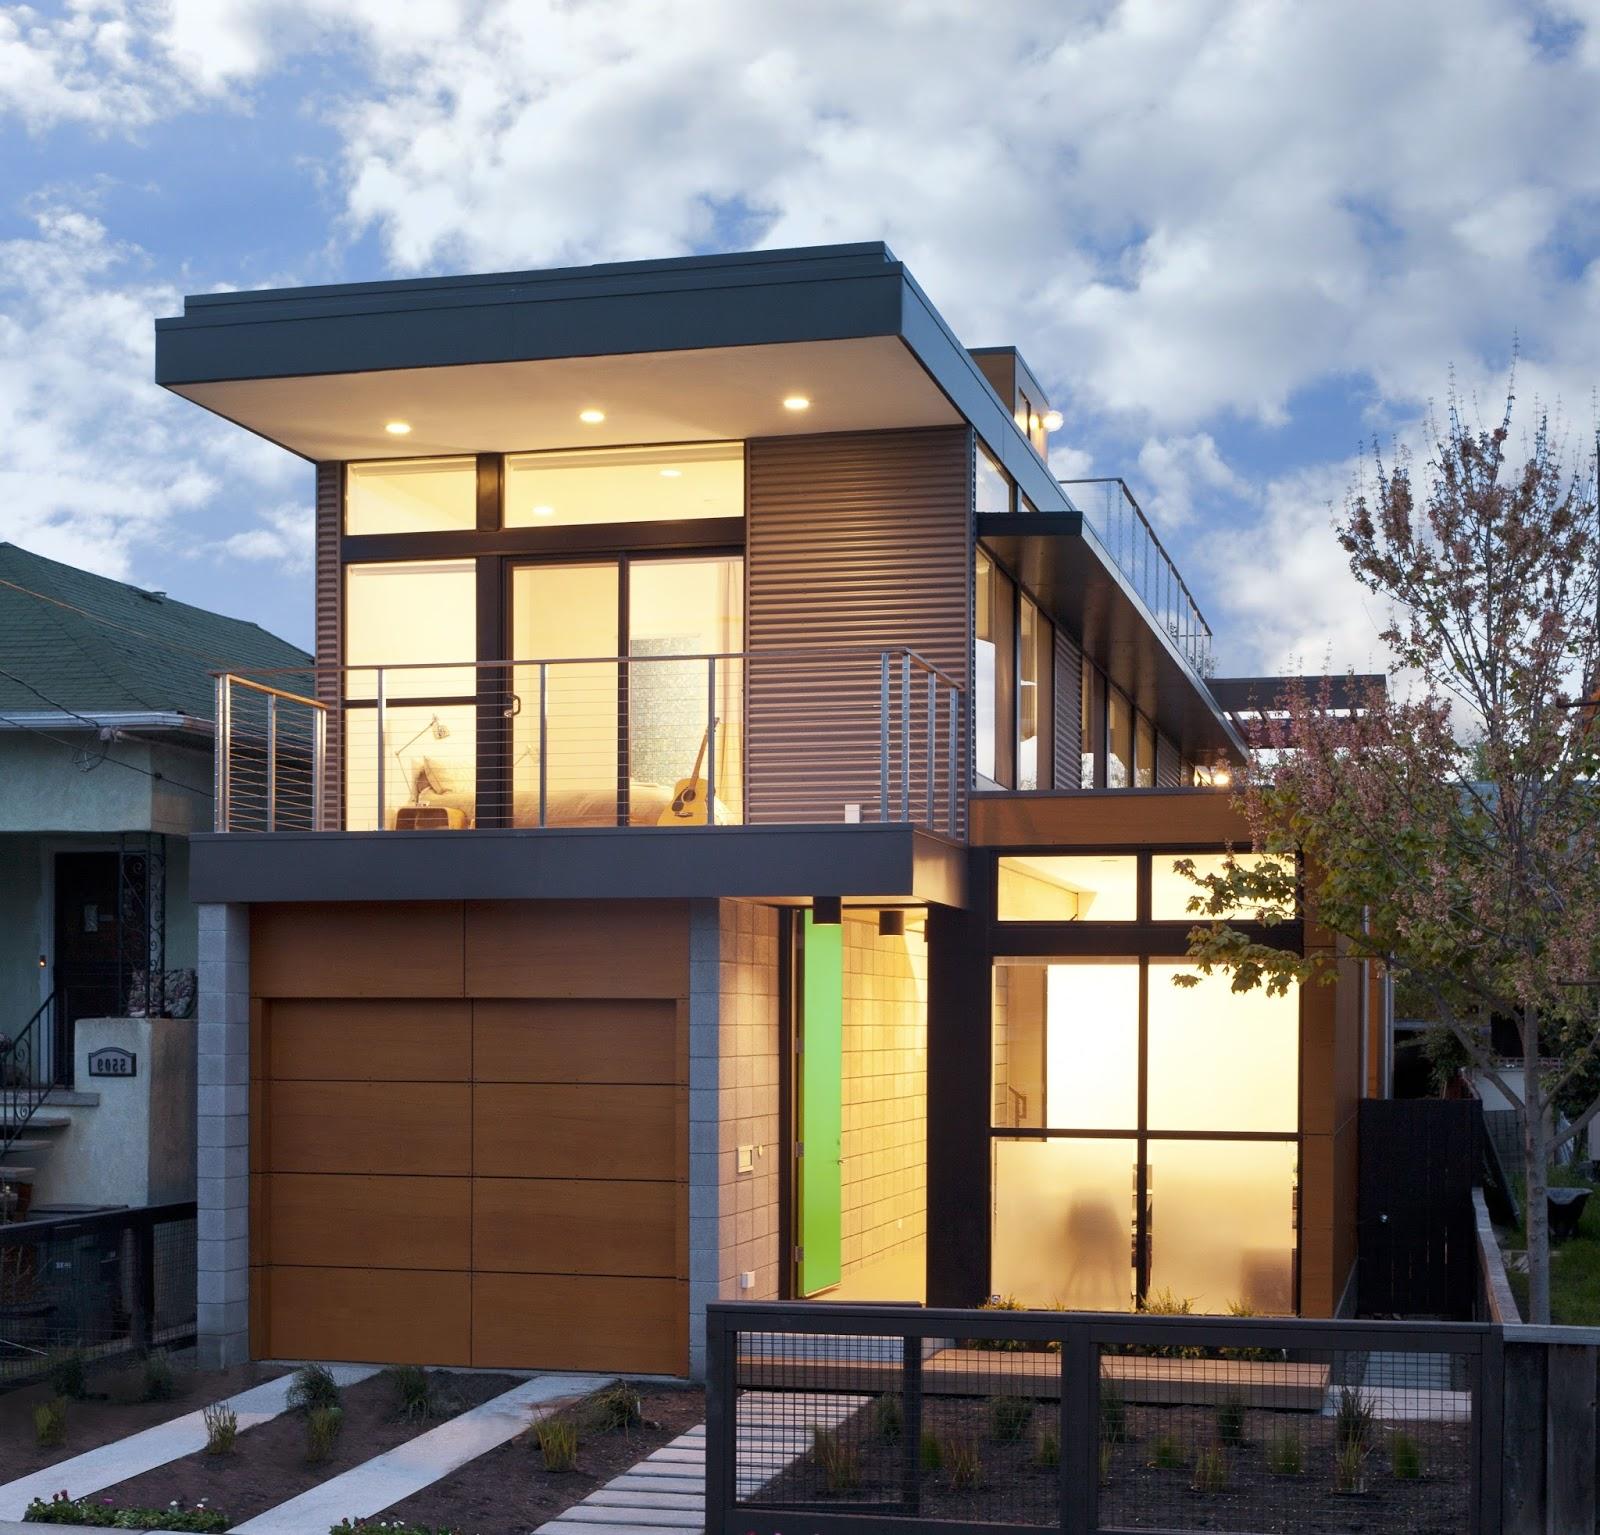 65 imagenes de fachadas de casas modernas minimalistas y for Fachadas de casas de 2 pisos pequenas